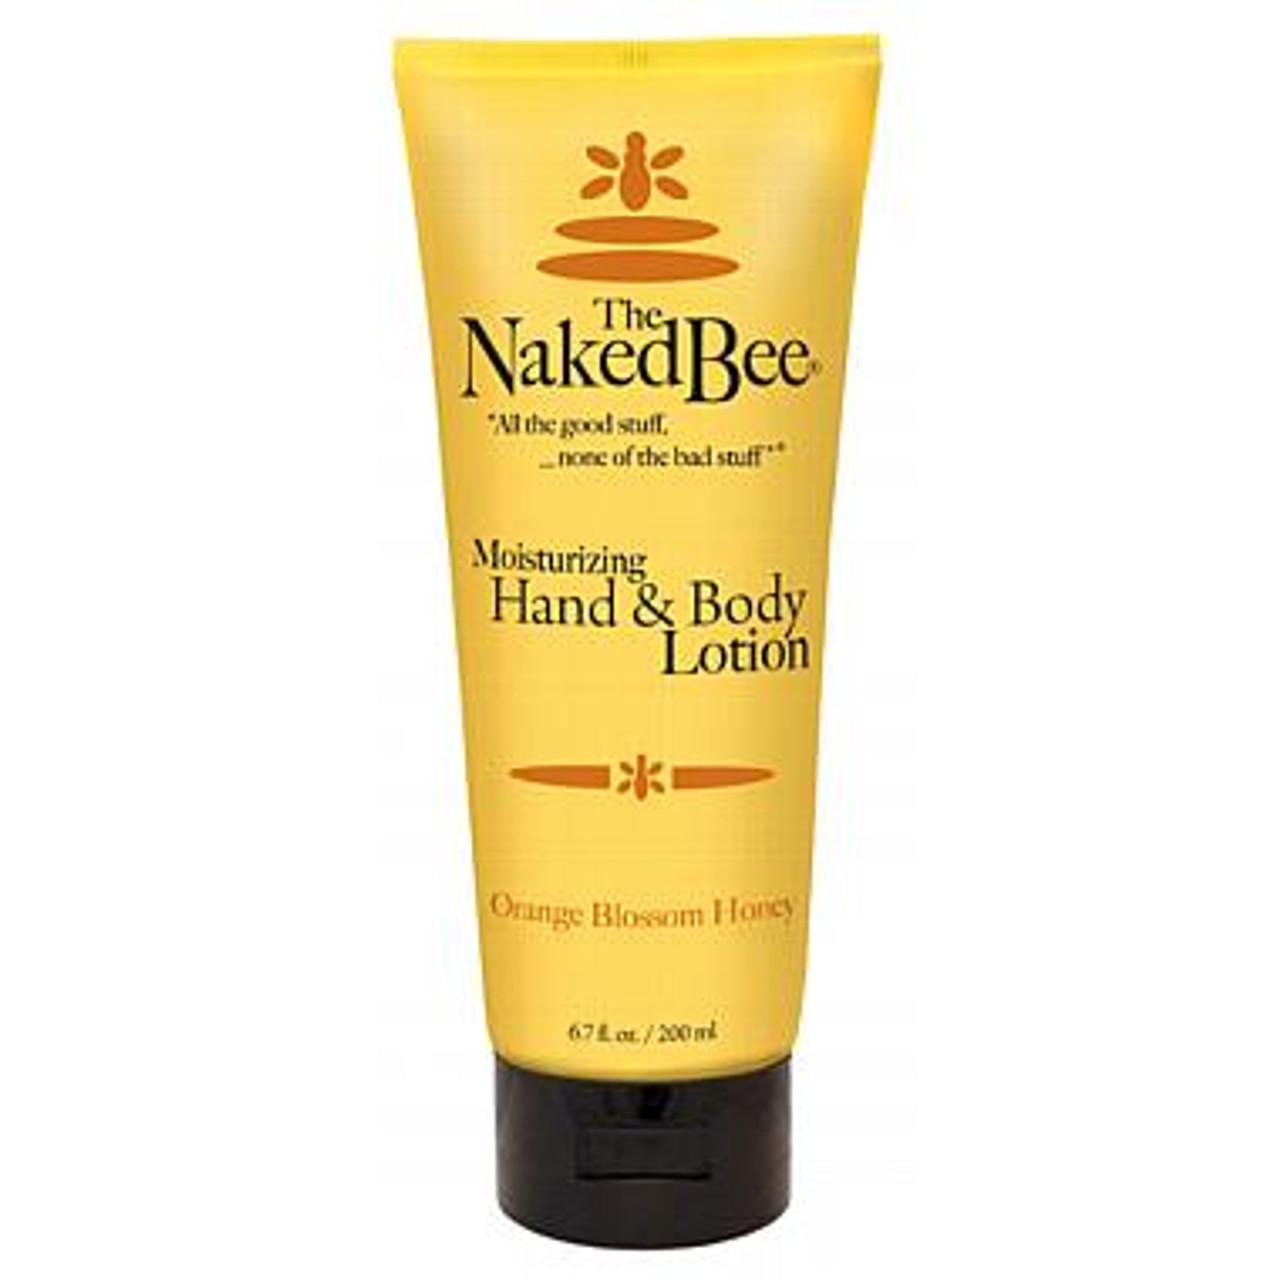 naked bee orange blossom honey